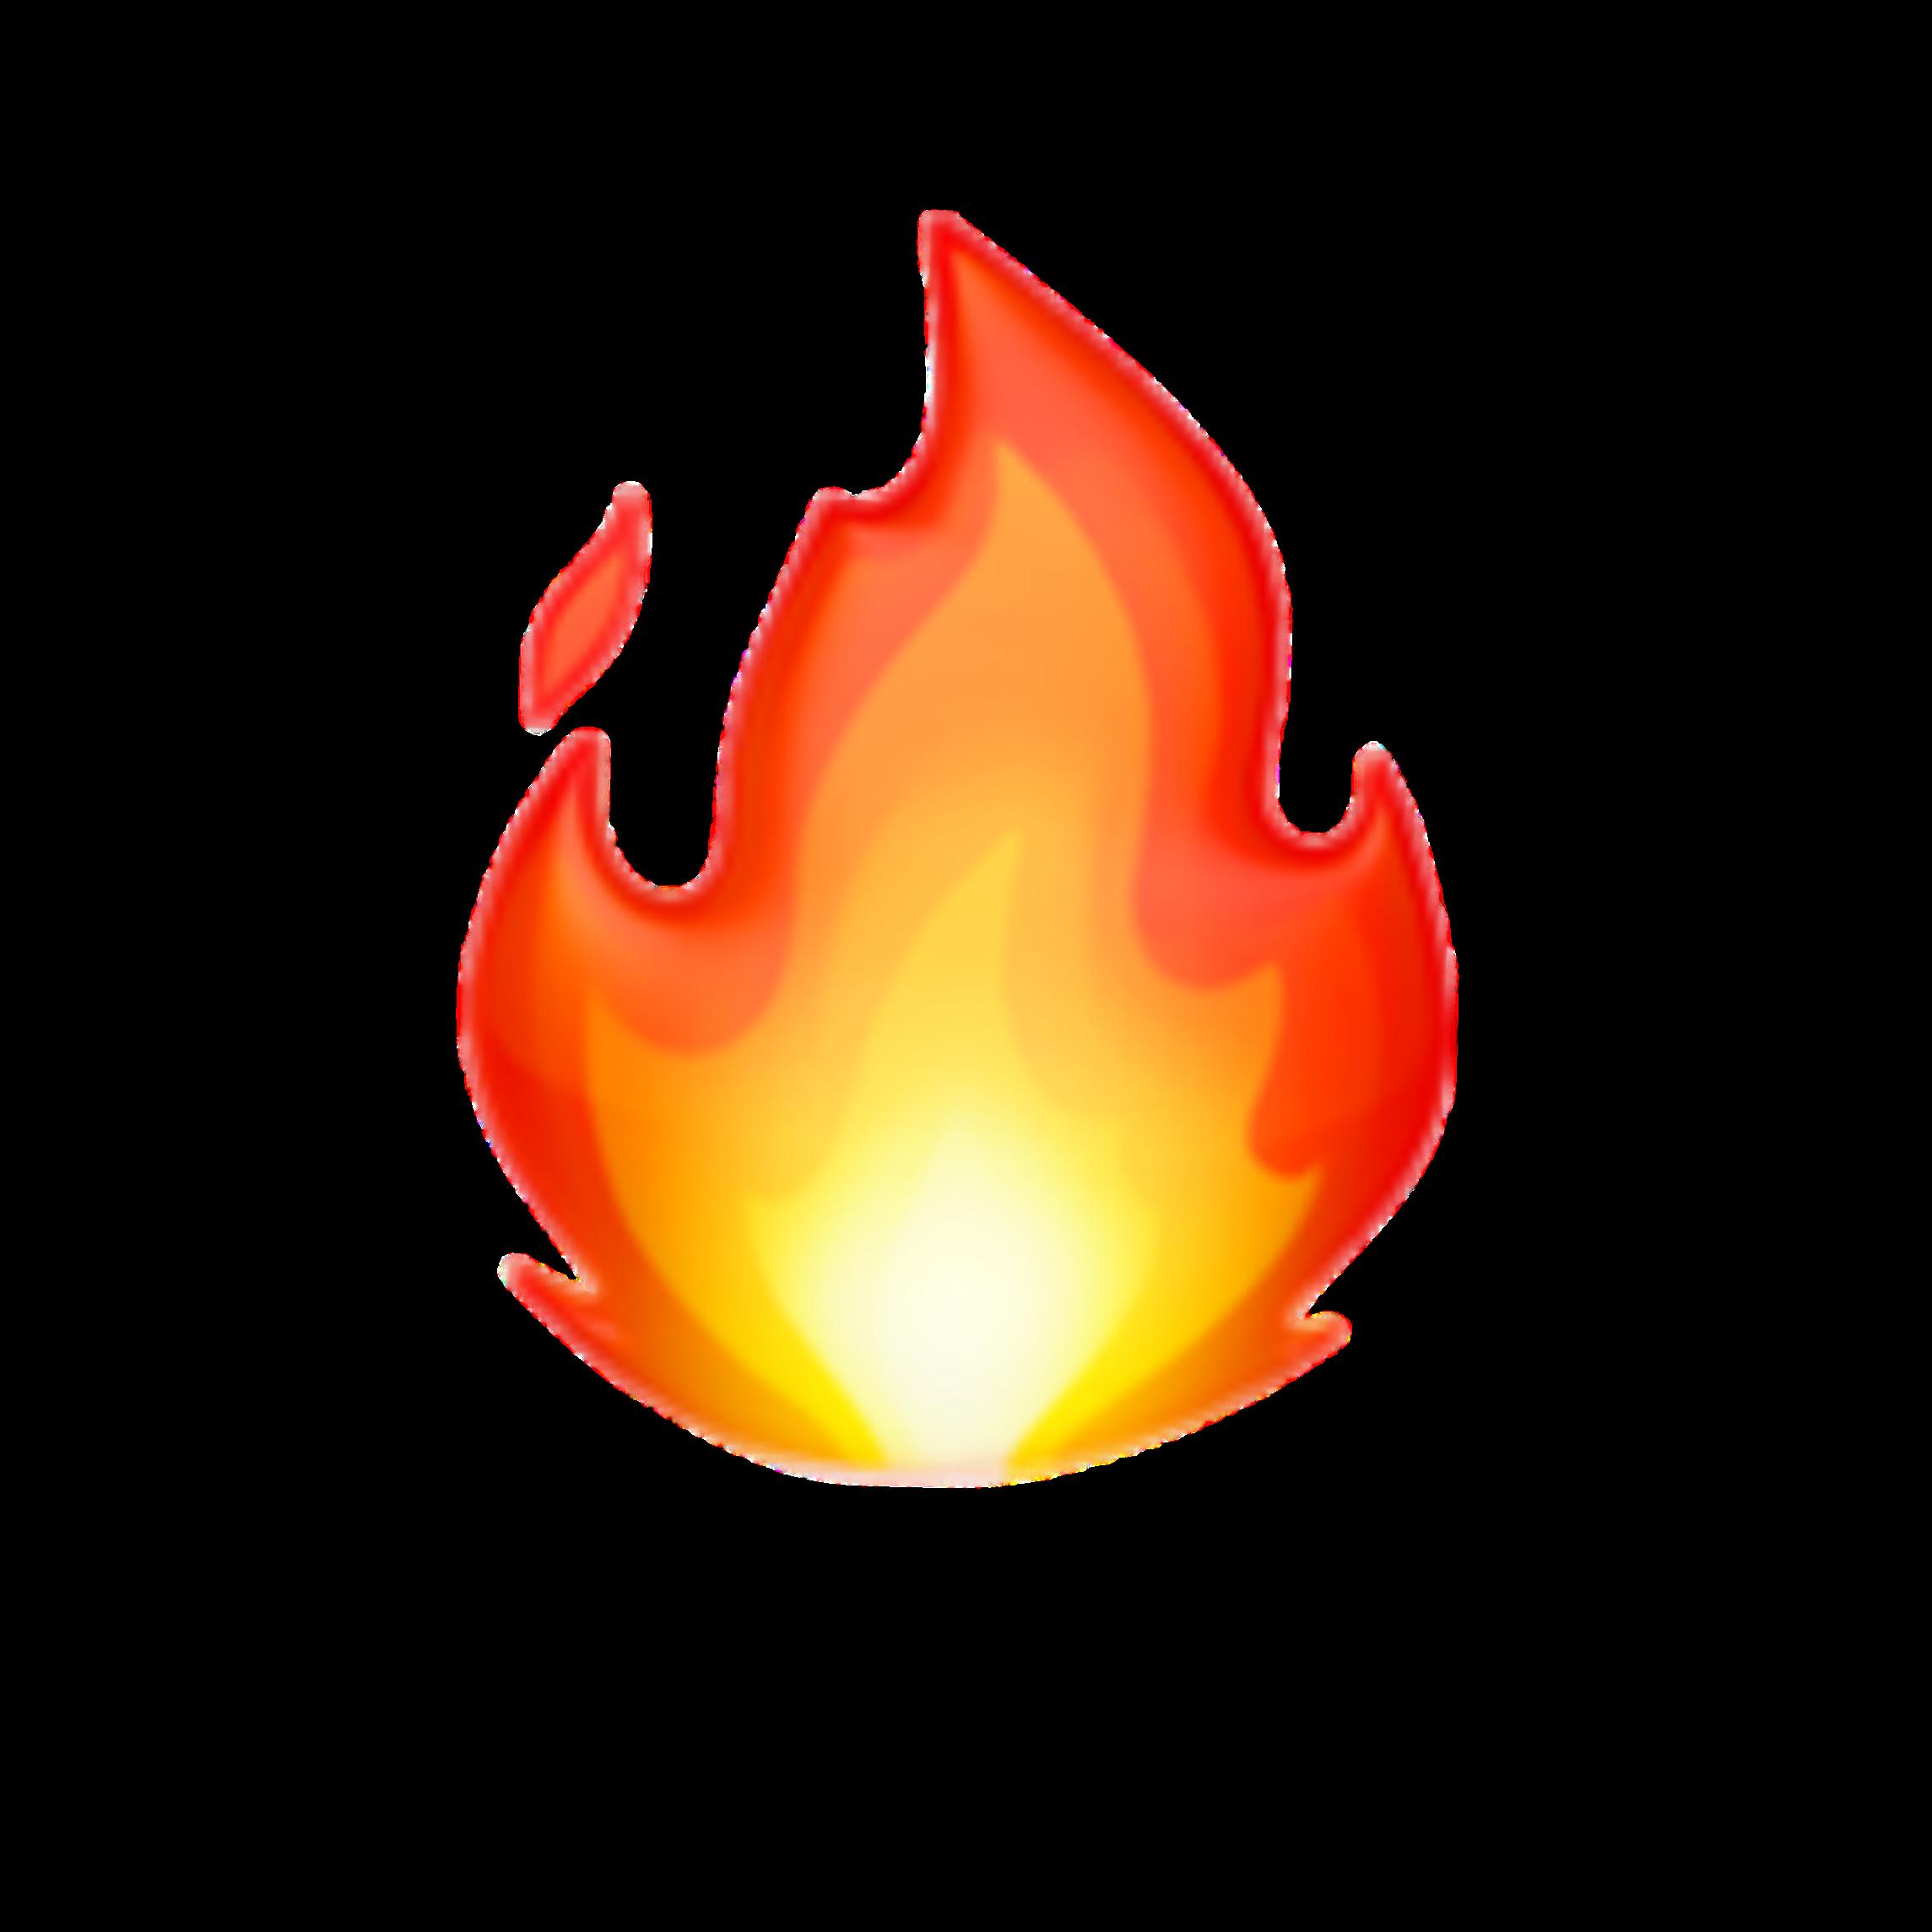 fuego emoji - Sticker by nicoles.vaque